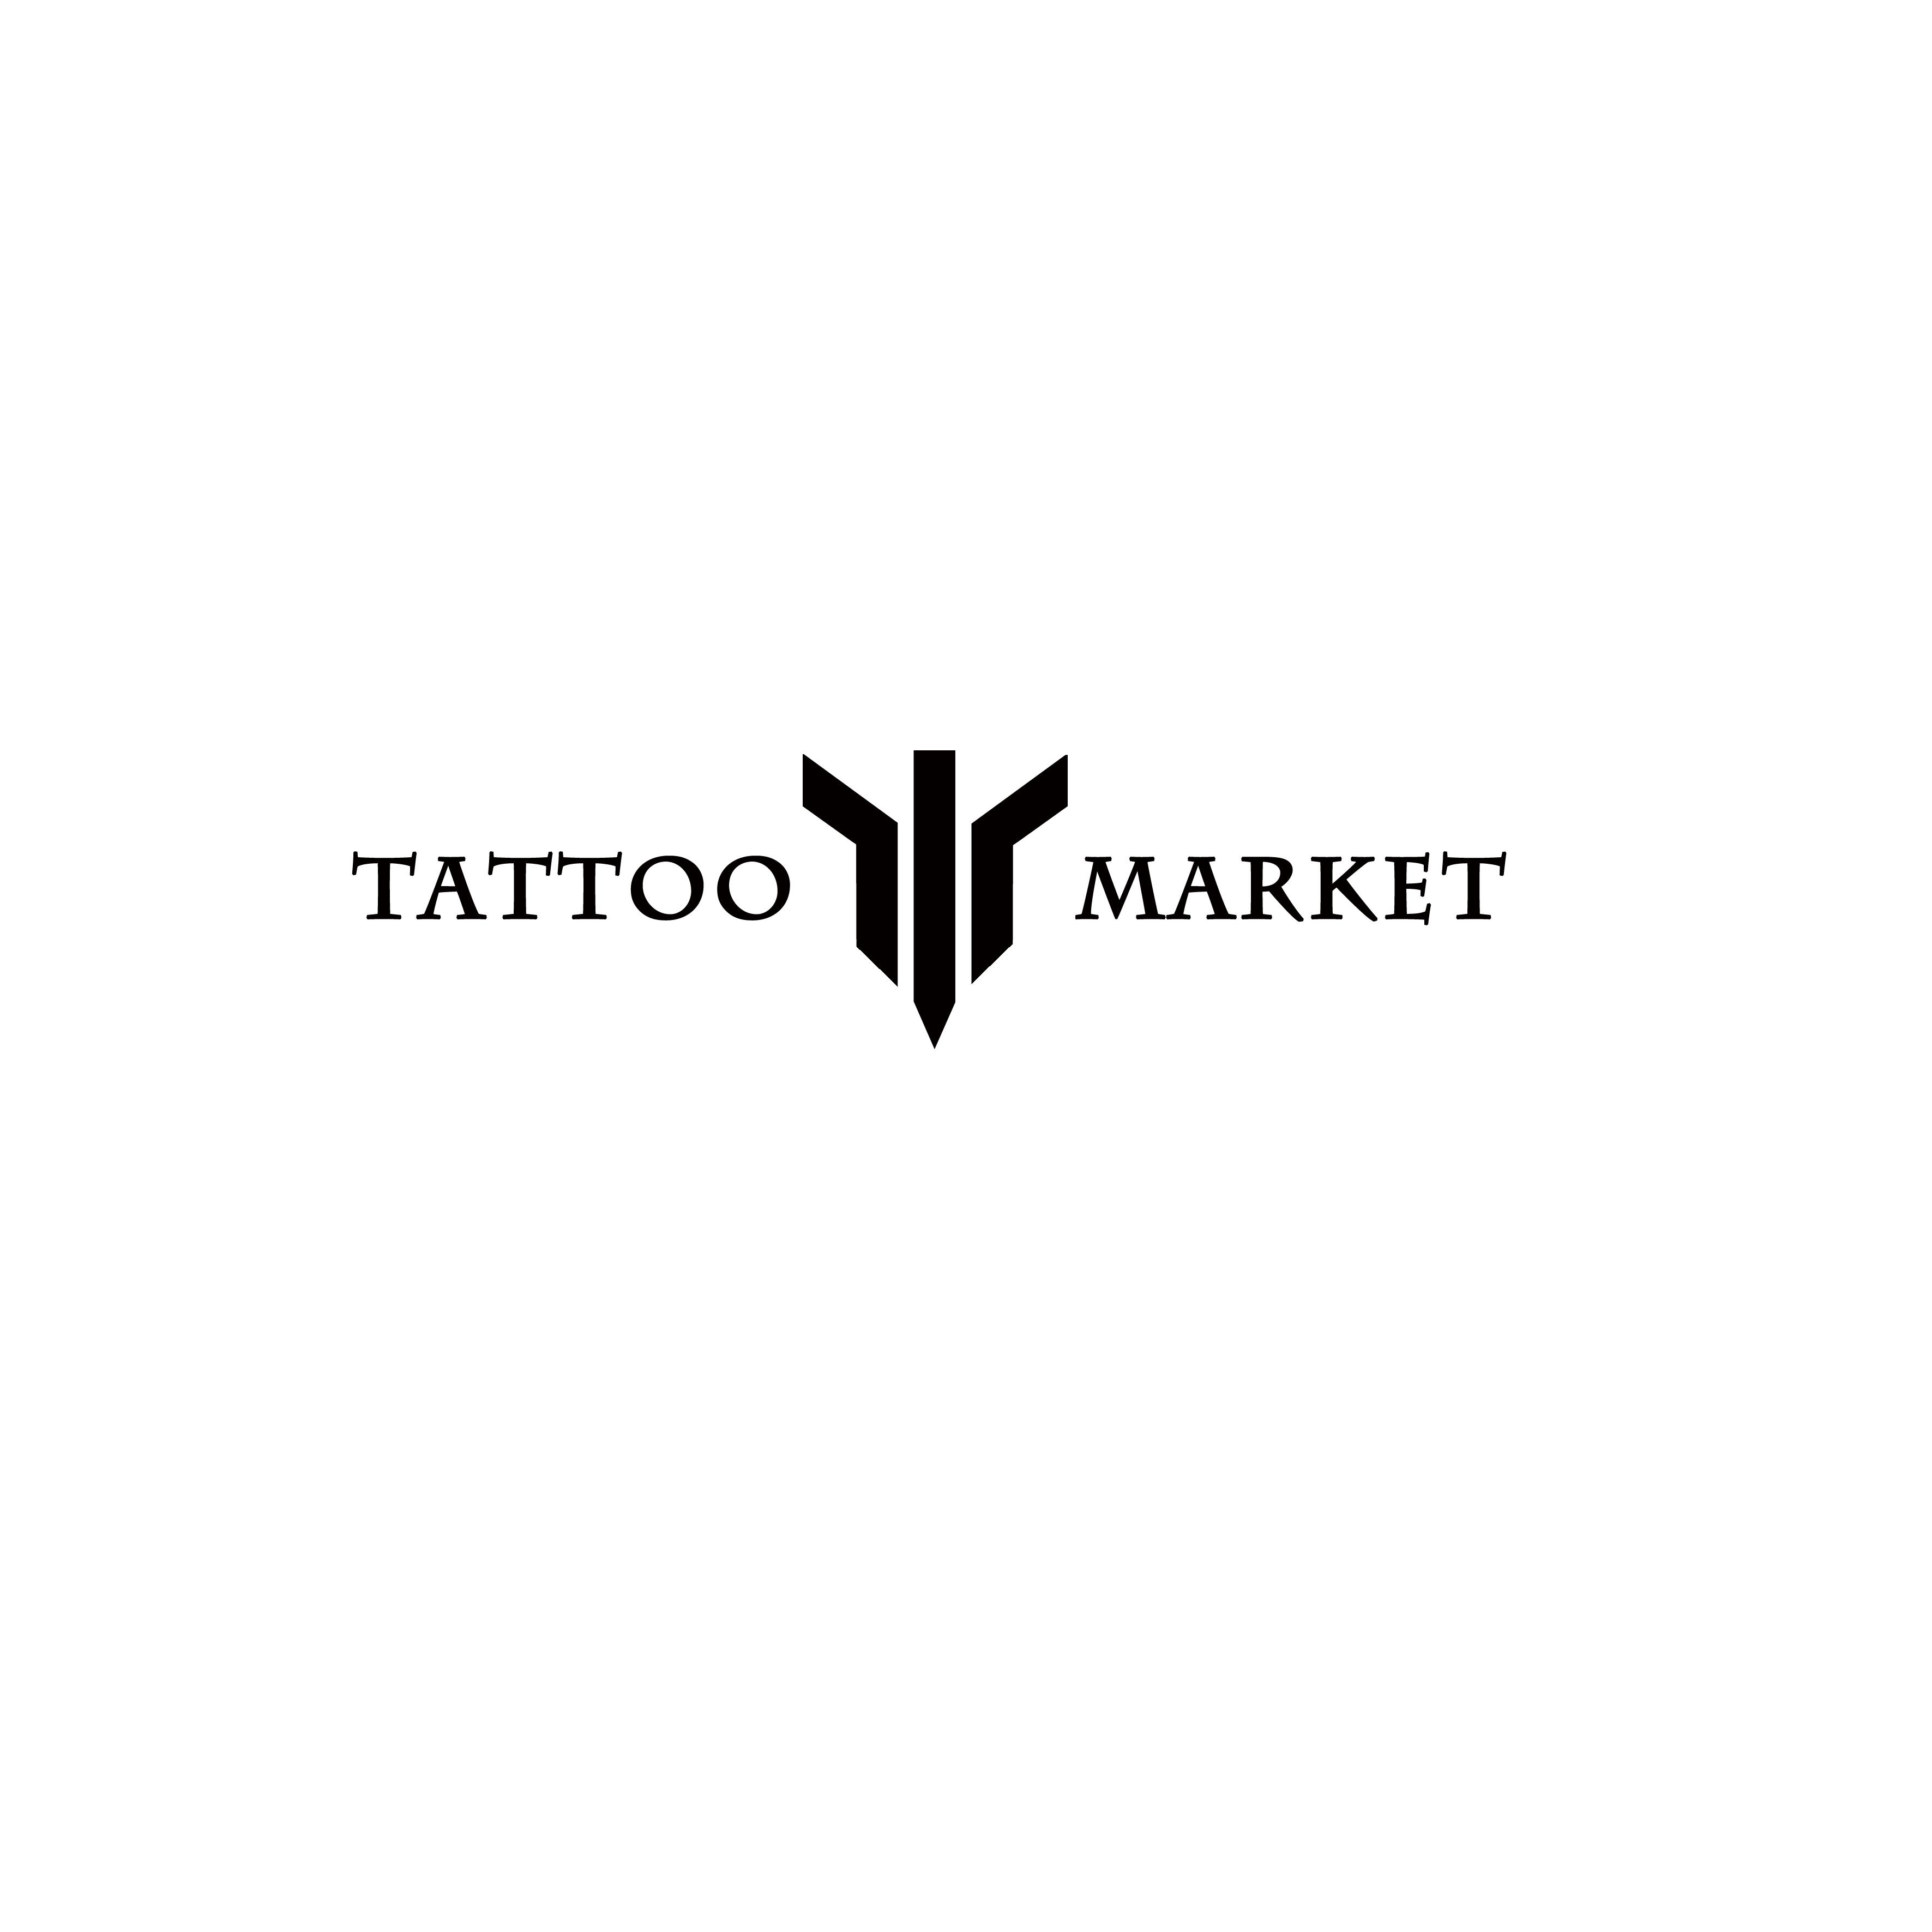 Редизайн логотипа магазина тату оборудования TattooMarket.ru фото f_1805c3a667845a36.jpg